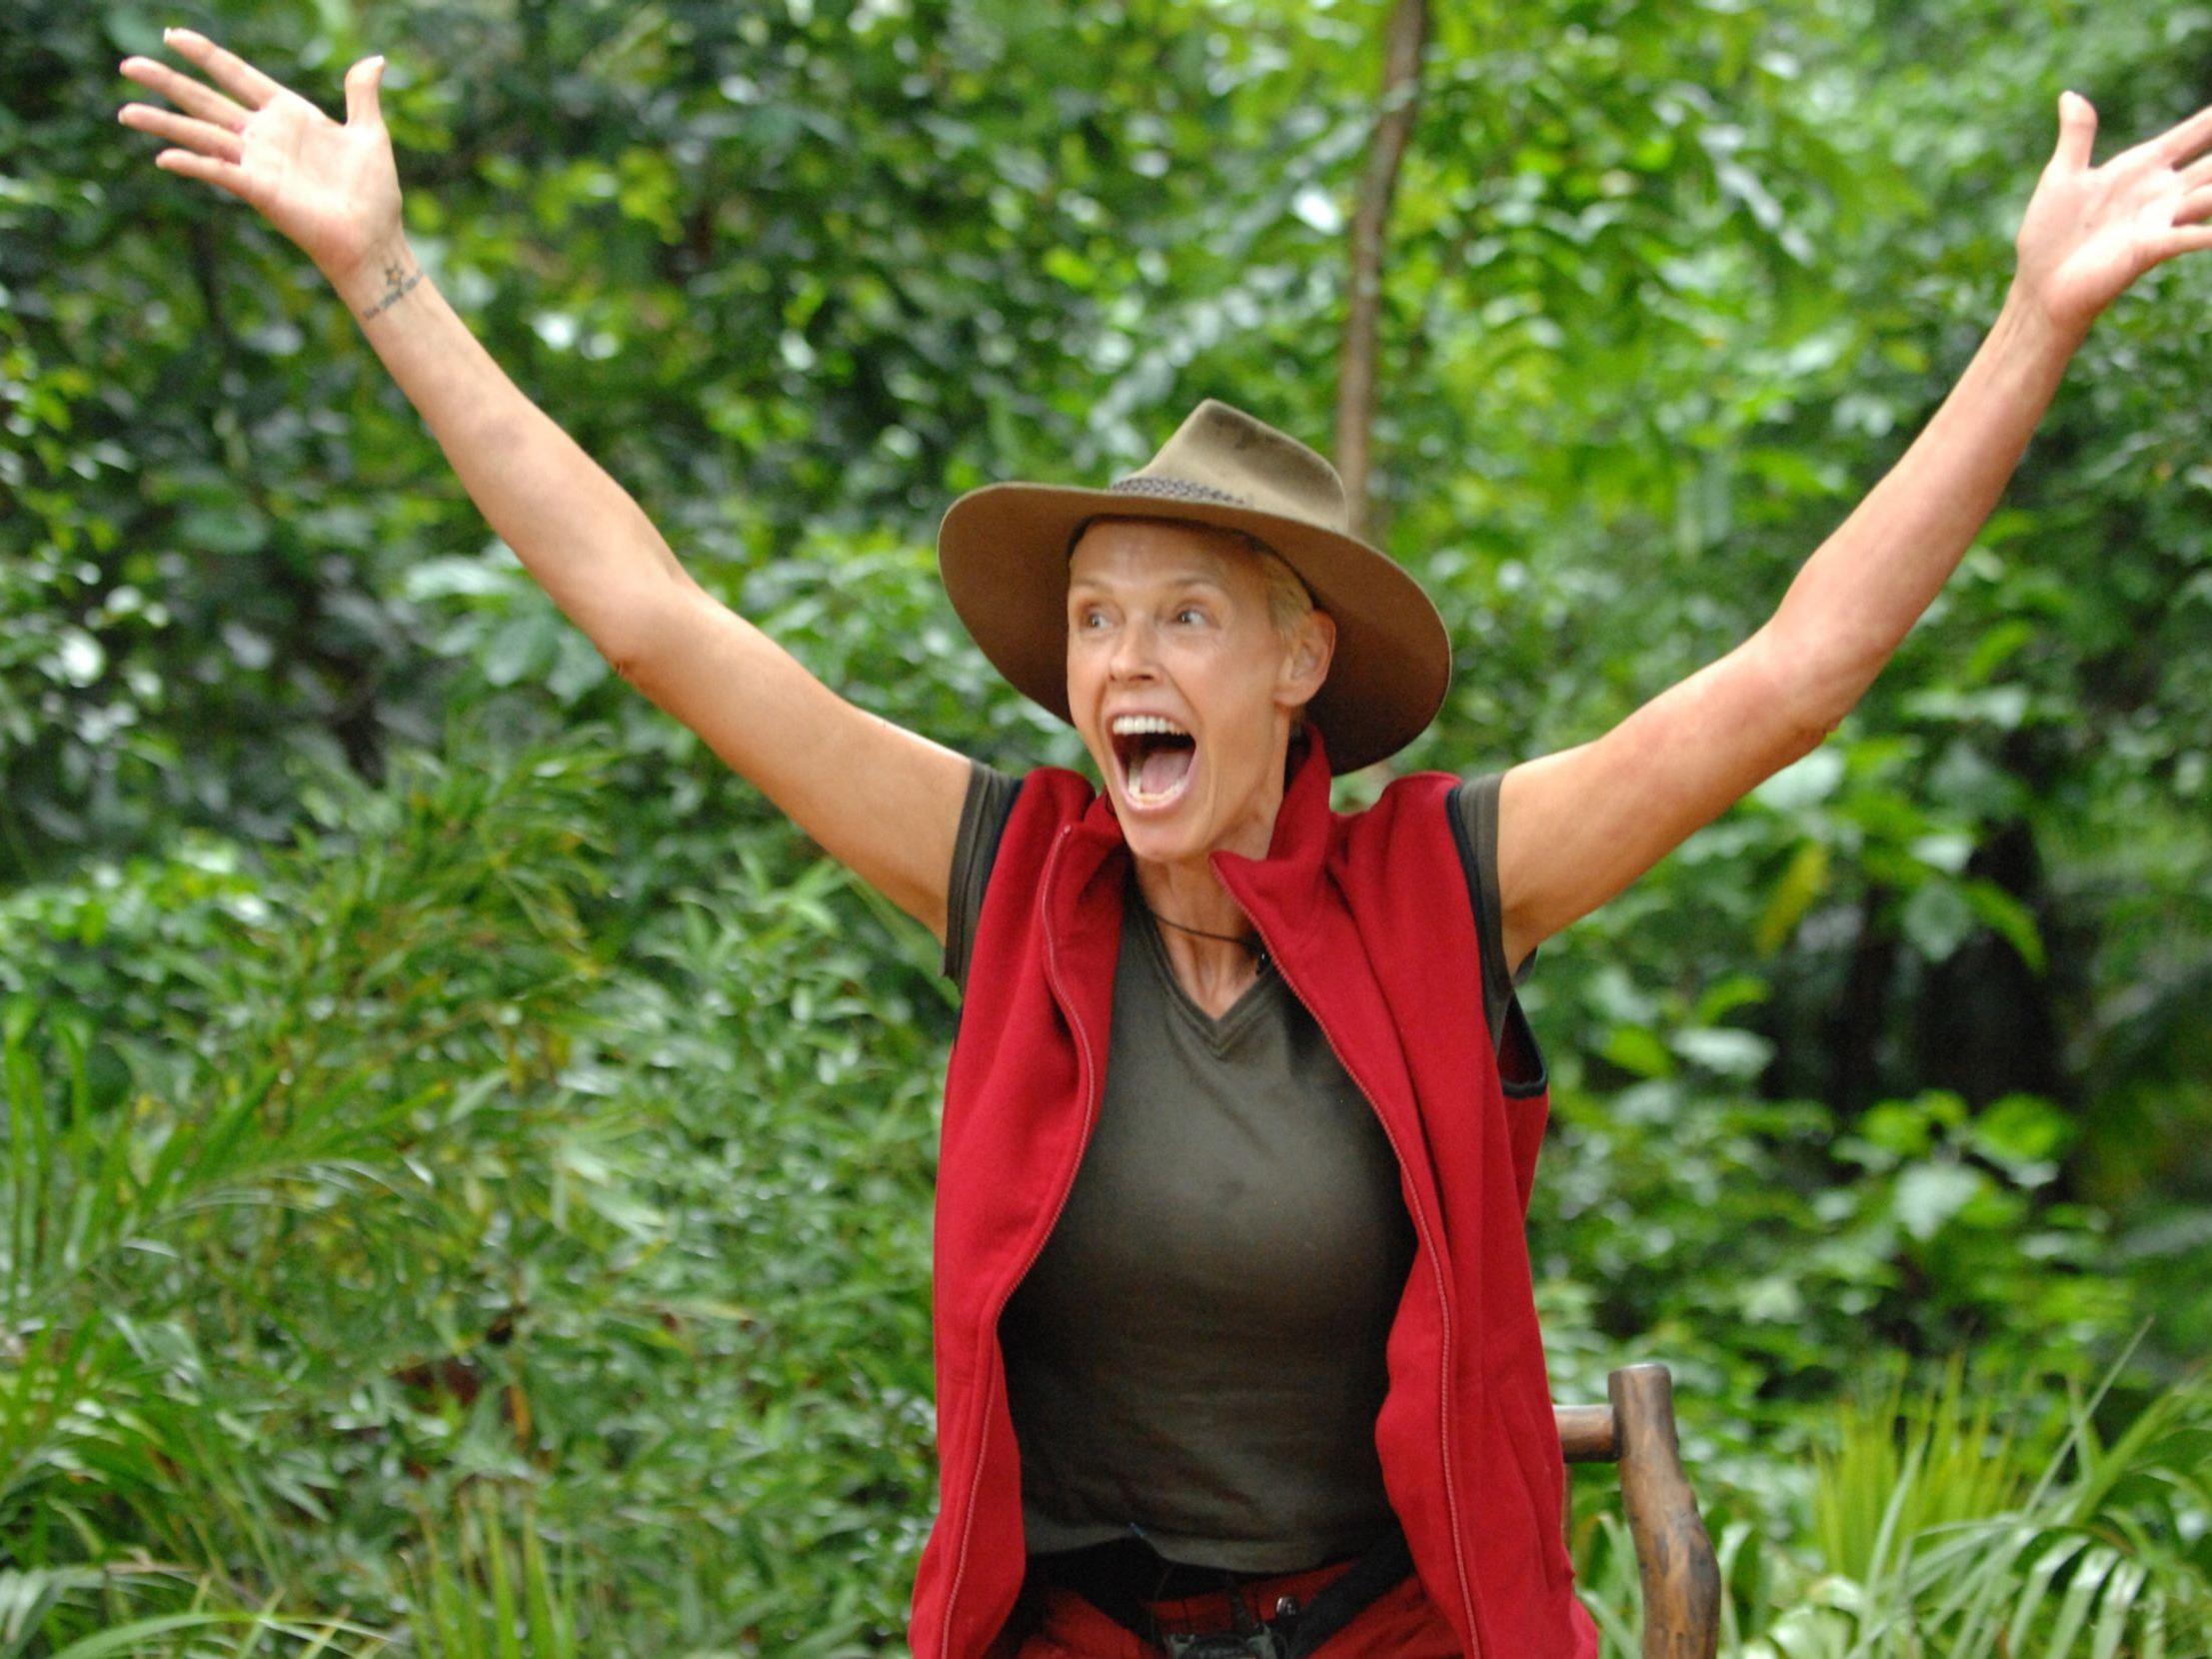 Dschungelcamp 2012 Brigitte Nielsen Ist Die Neue Konigin